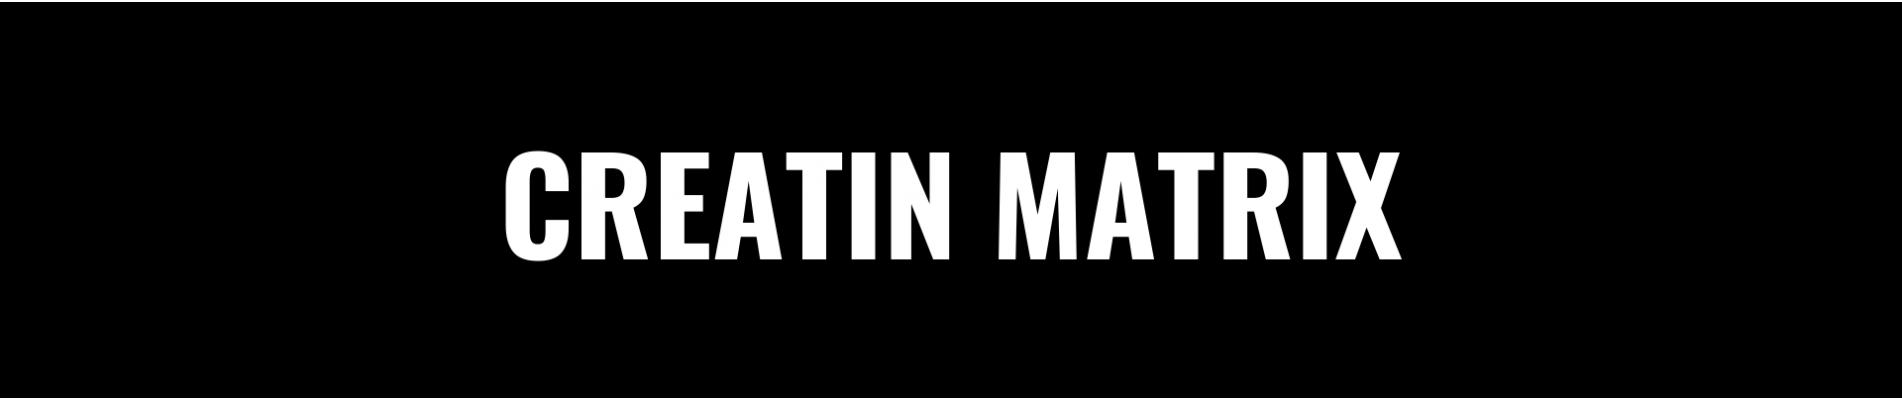 CREATIN MATRIX